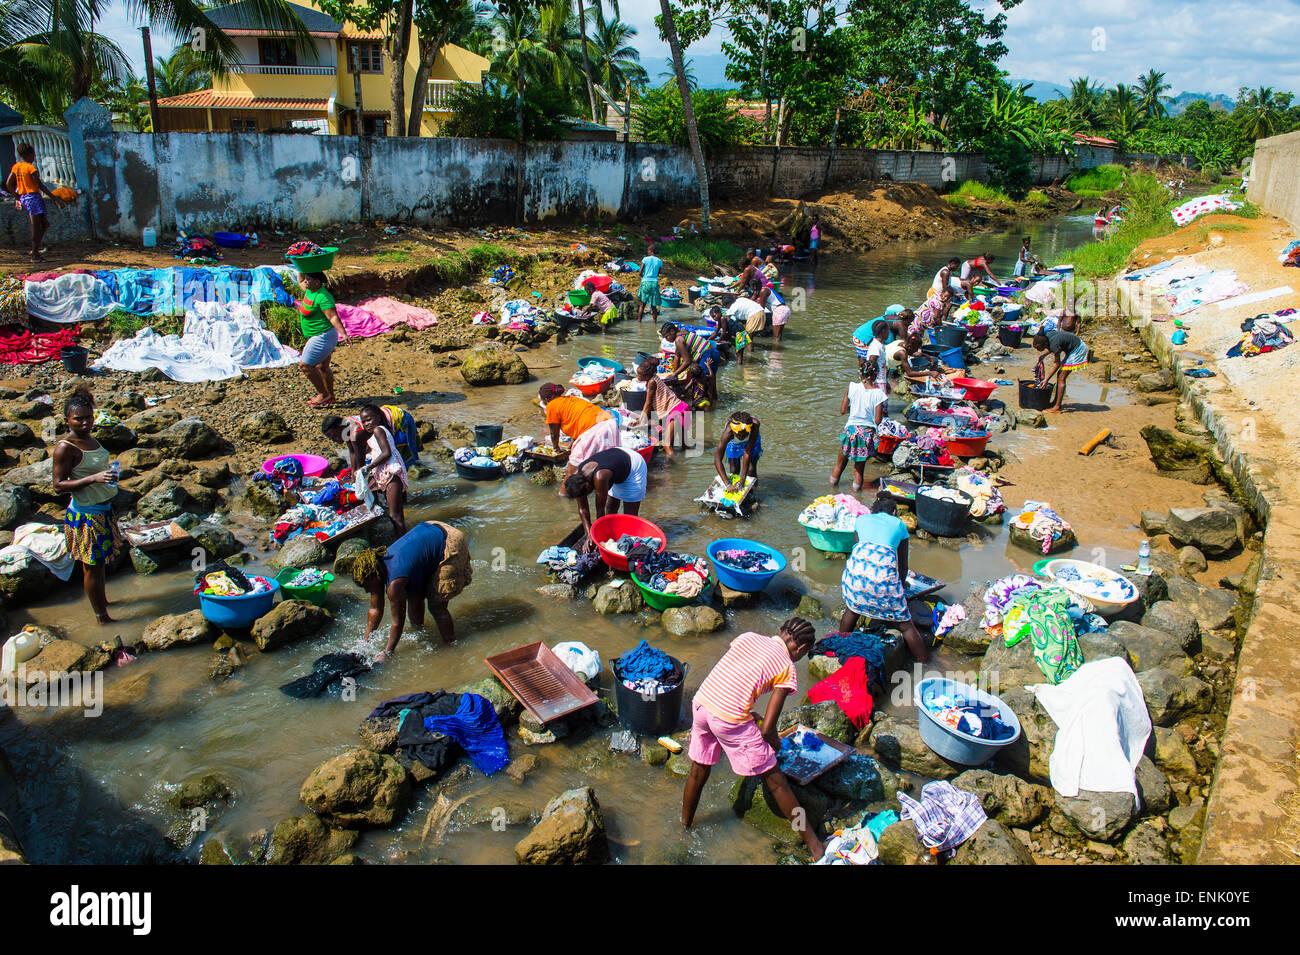 Frauen, die Wäsche in einem Fluss Bett, Stadt von São Tomé, Sao Tome und Principe, Atlantik, Afrika Stockbild